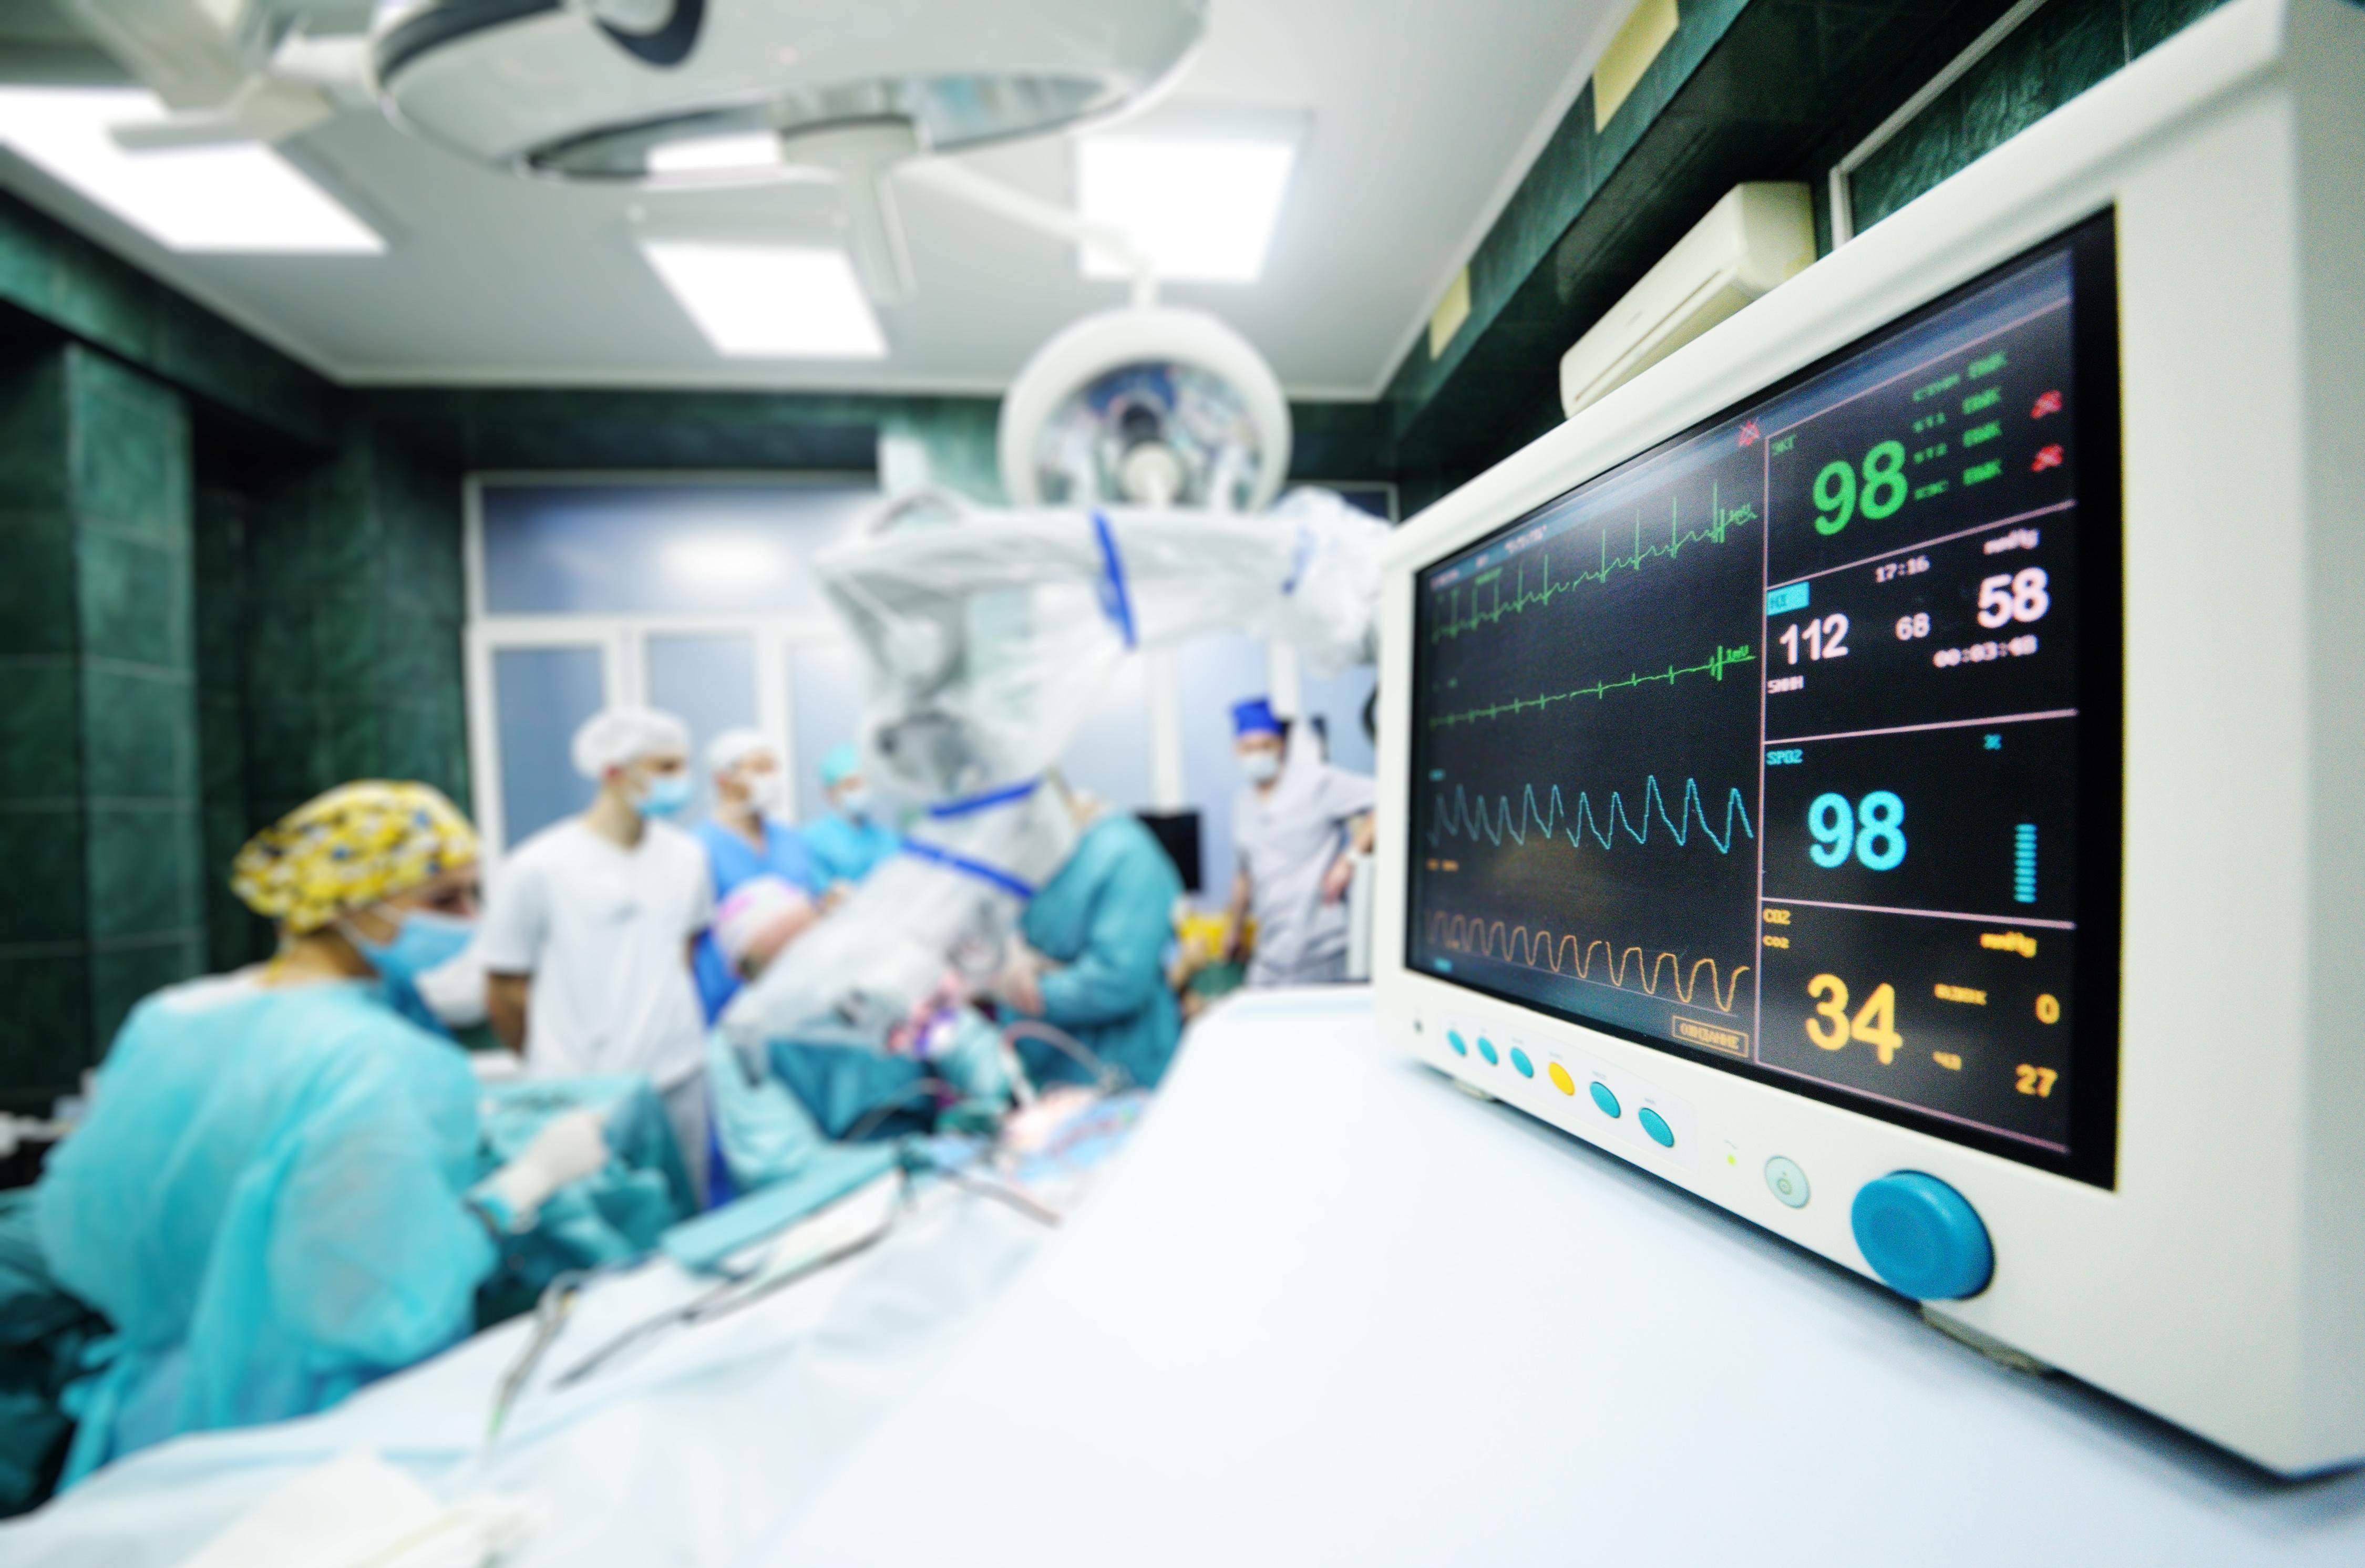 Les affections gériatriques telles que la fragilité et les troubles cognitifs peuvent vite s'aggraver « par inadvertance » chez les patients plus âgés traités en unités de soins intensifs cardiaques